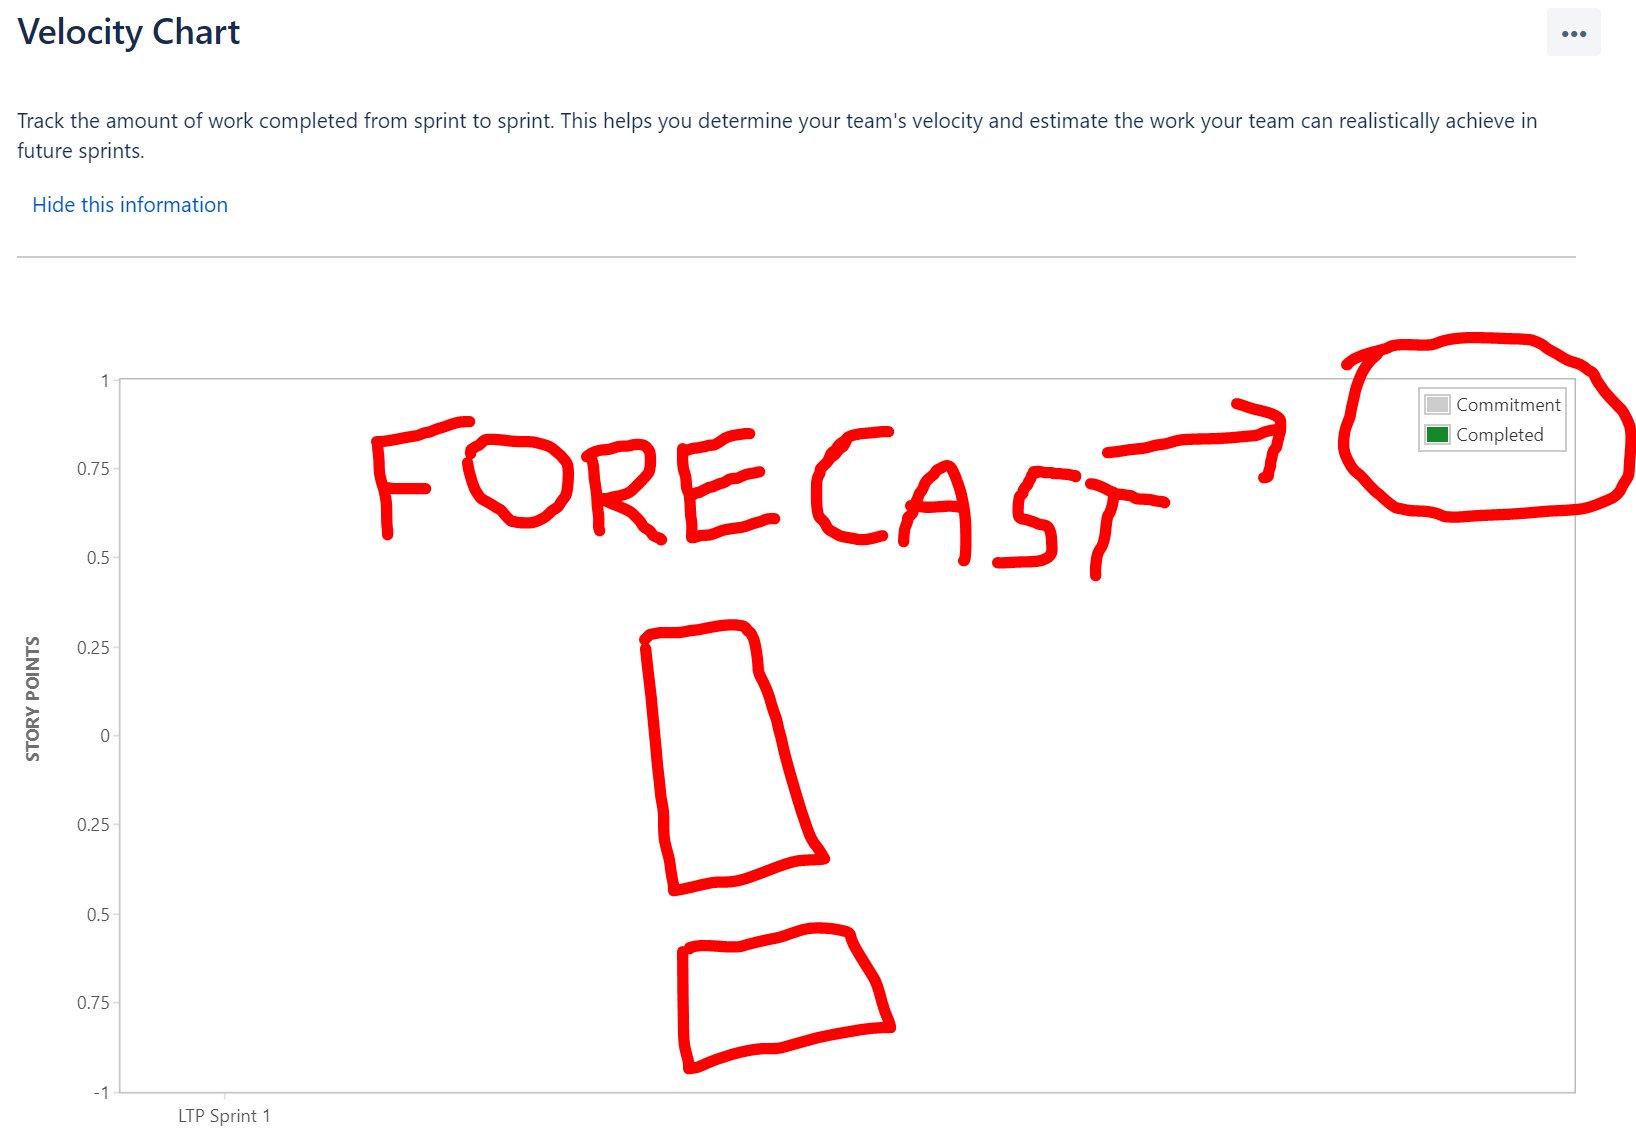 Forecast, NOT Commitment 01.jpg